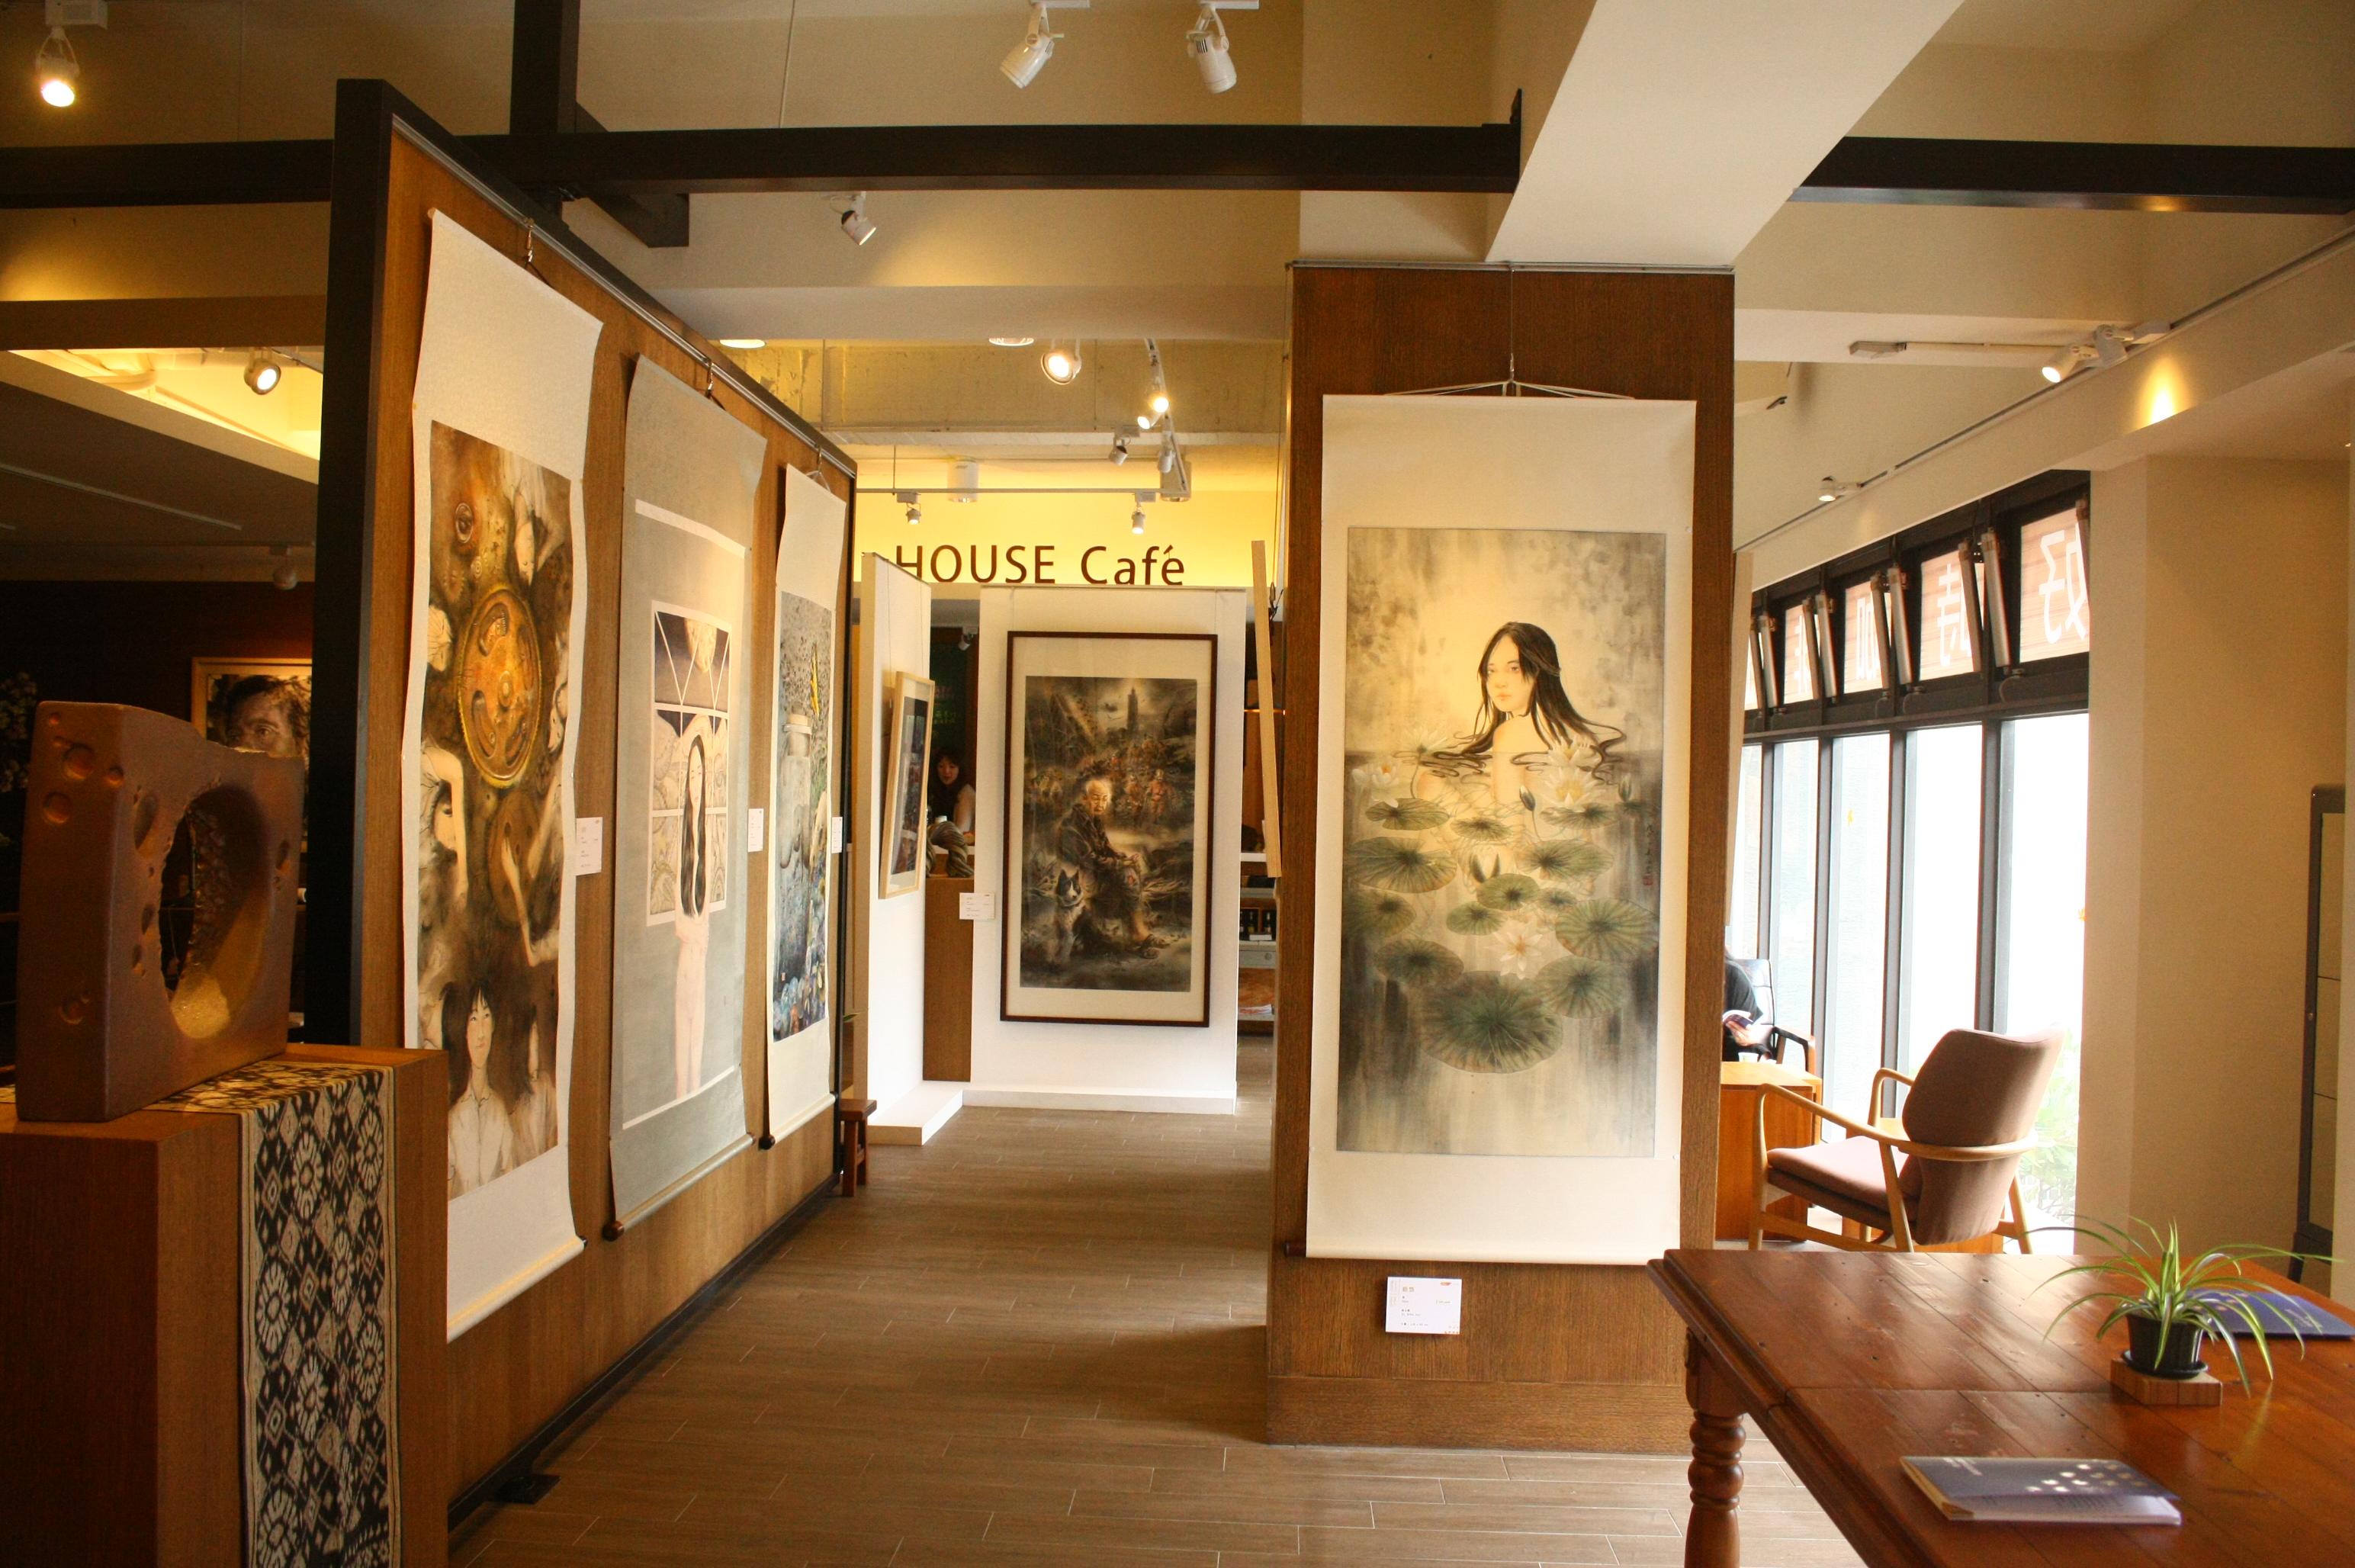 首次於藝廊空間展覽,於新竹藤藝廊展出情形.JPG